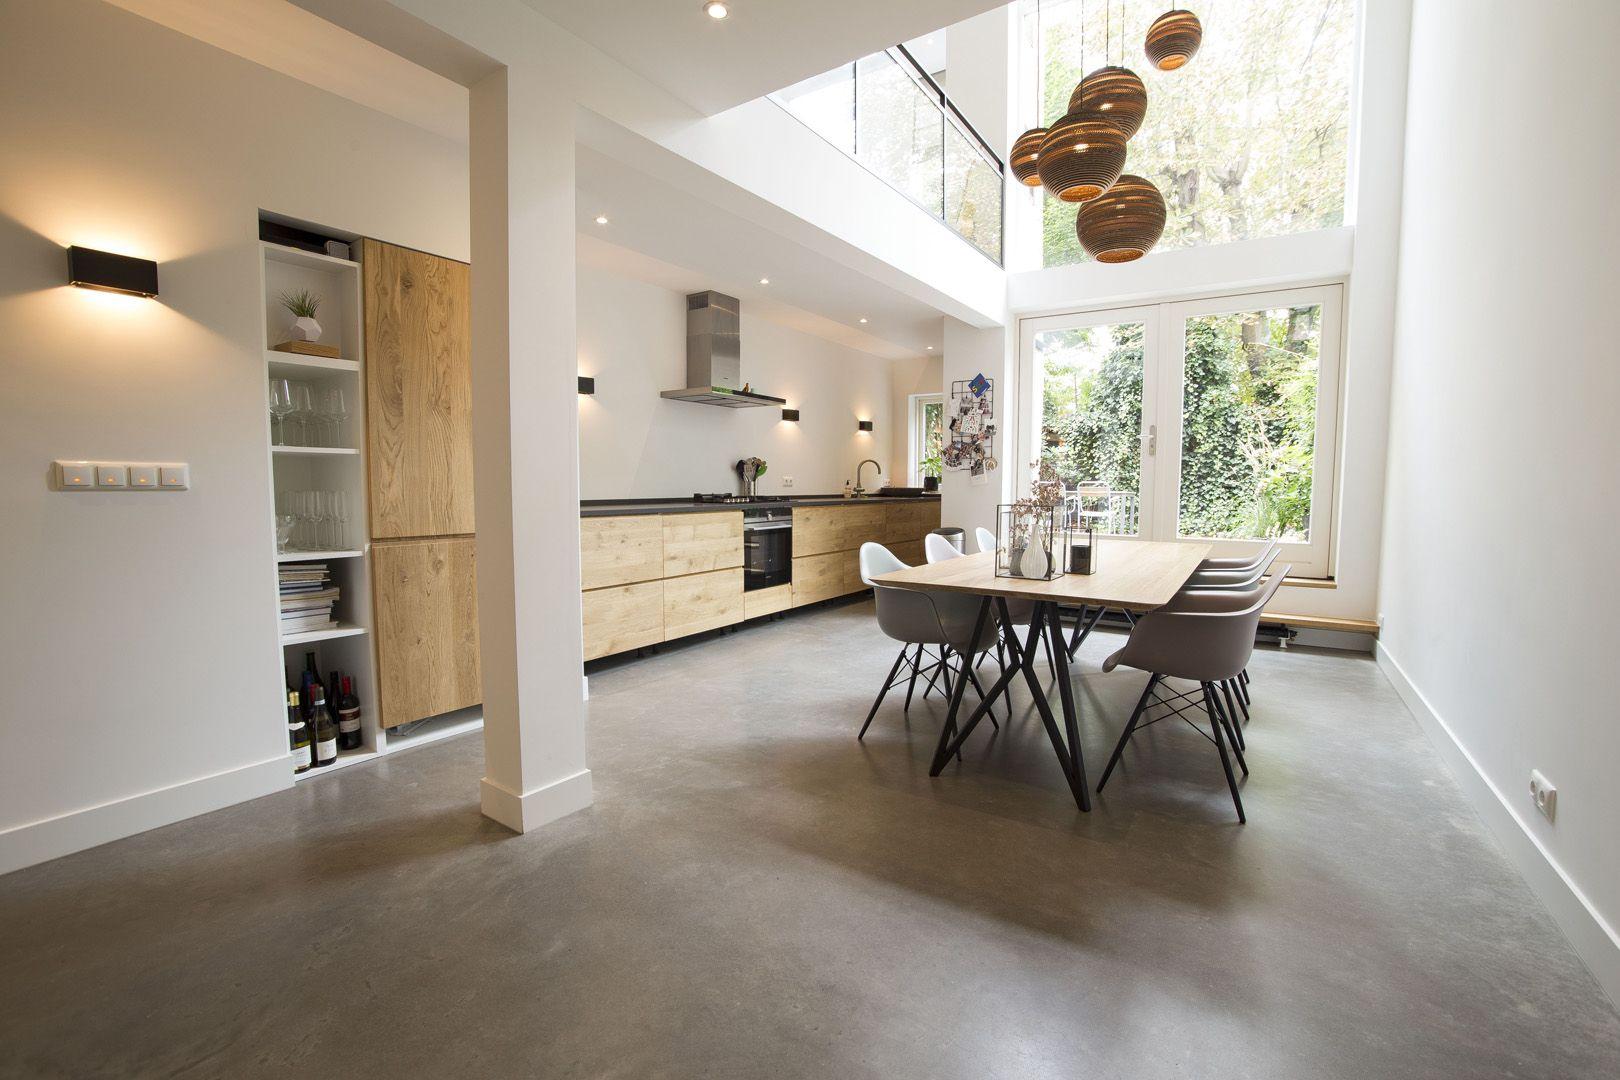 Gepolijste woonbeton vloer. geen betonlook maar écht beton